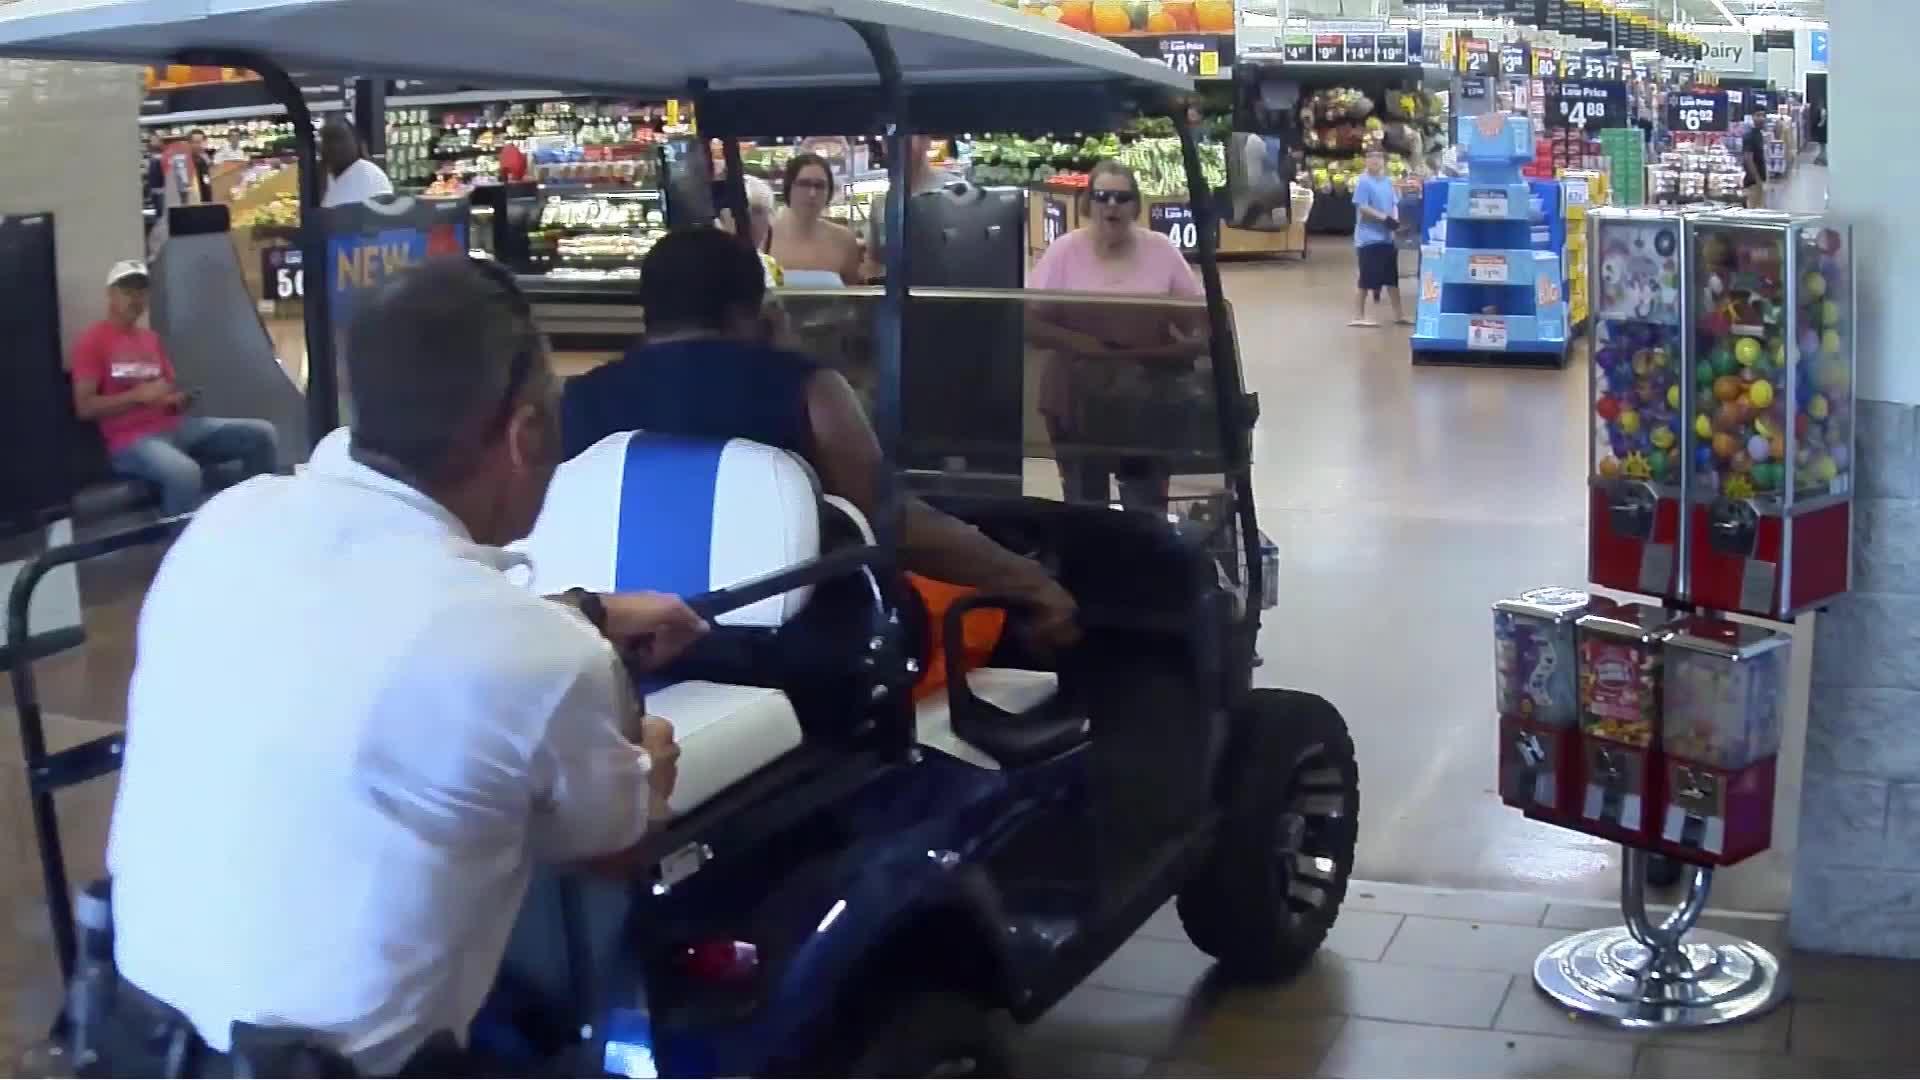 VIDEO: Man drives golf cart into Walmart, hits several